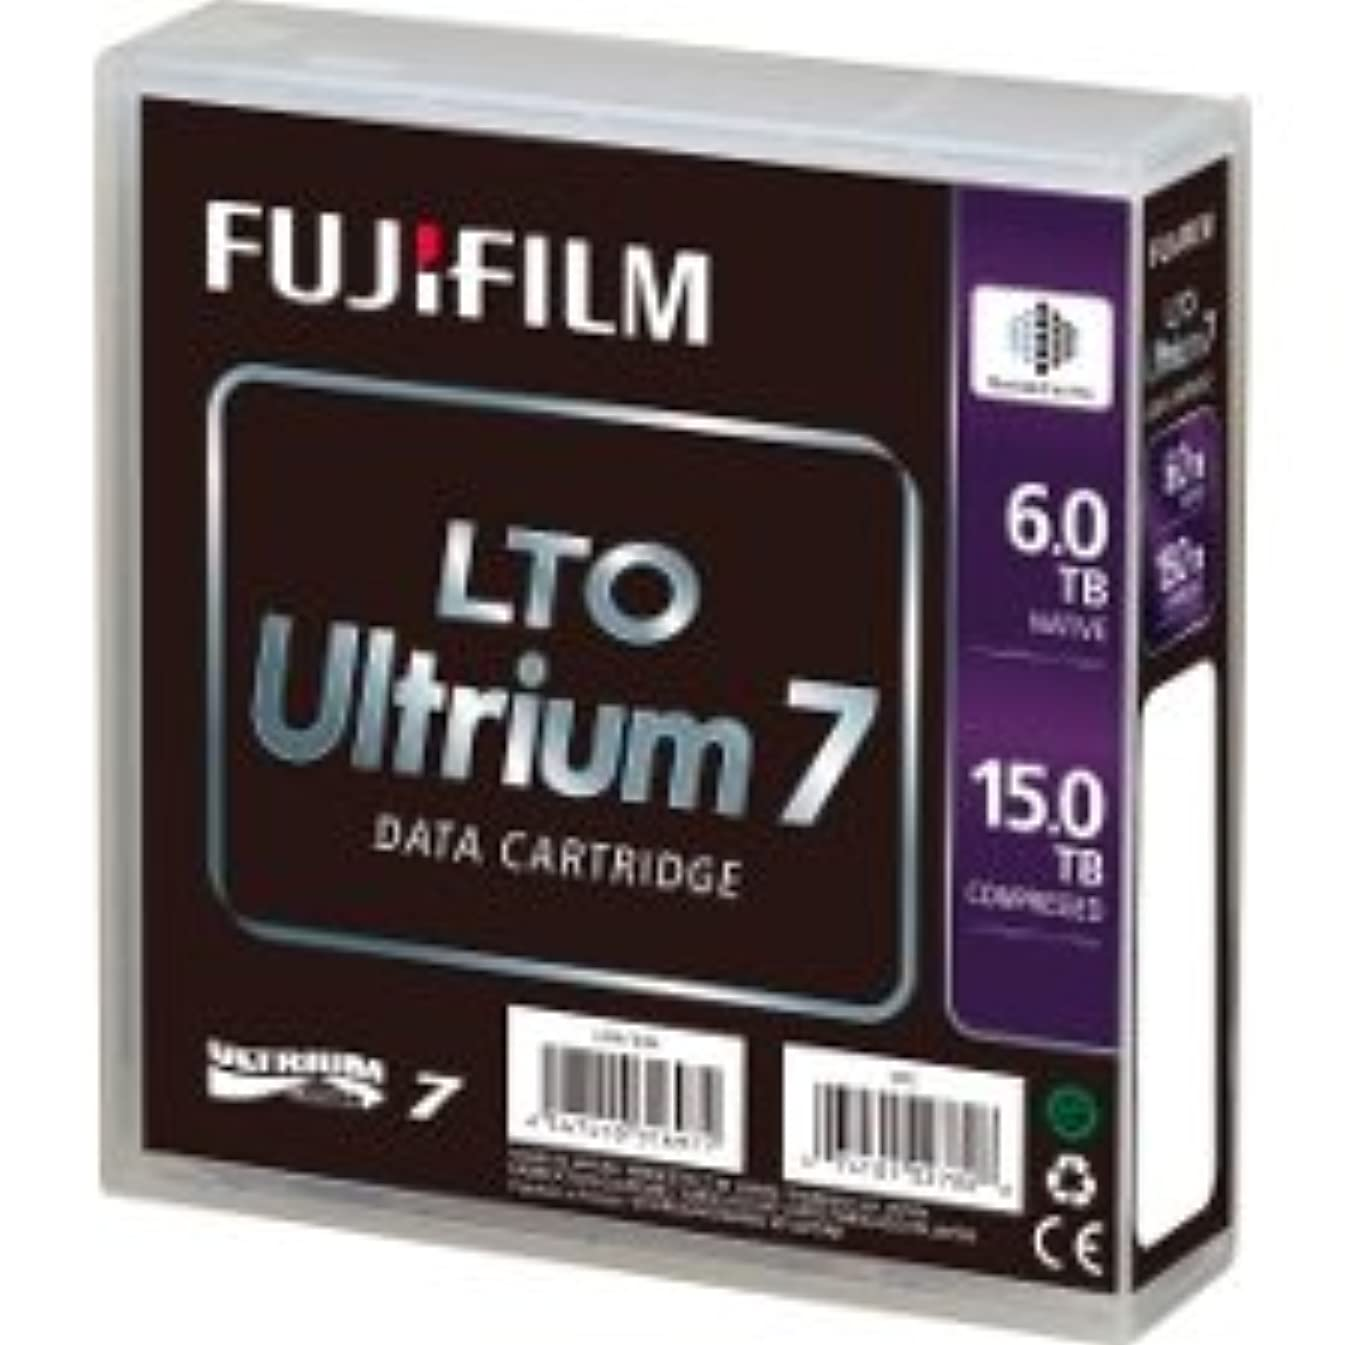 Fuji LTO 7 Ultrium Tape - 10 Pack